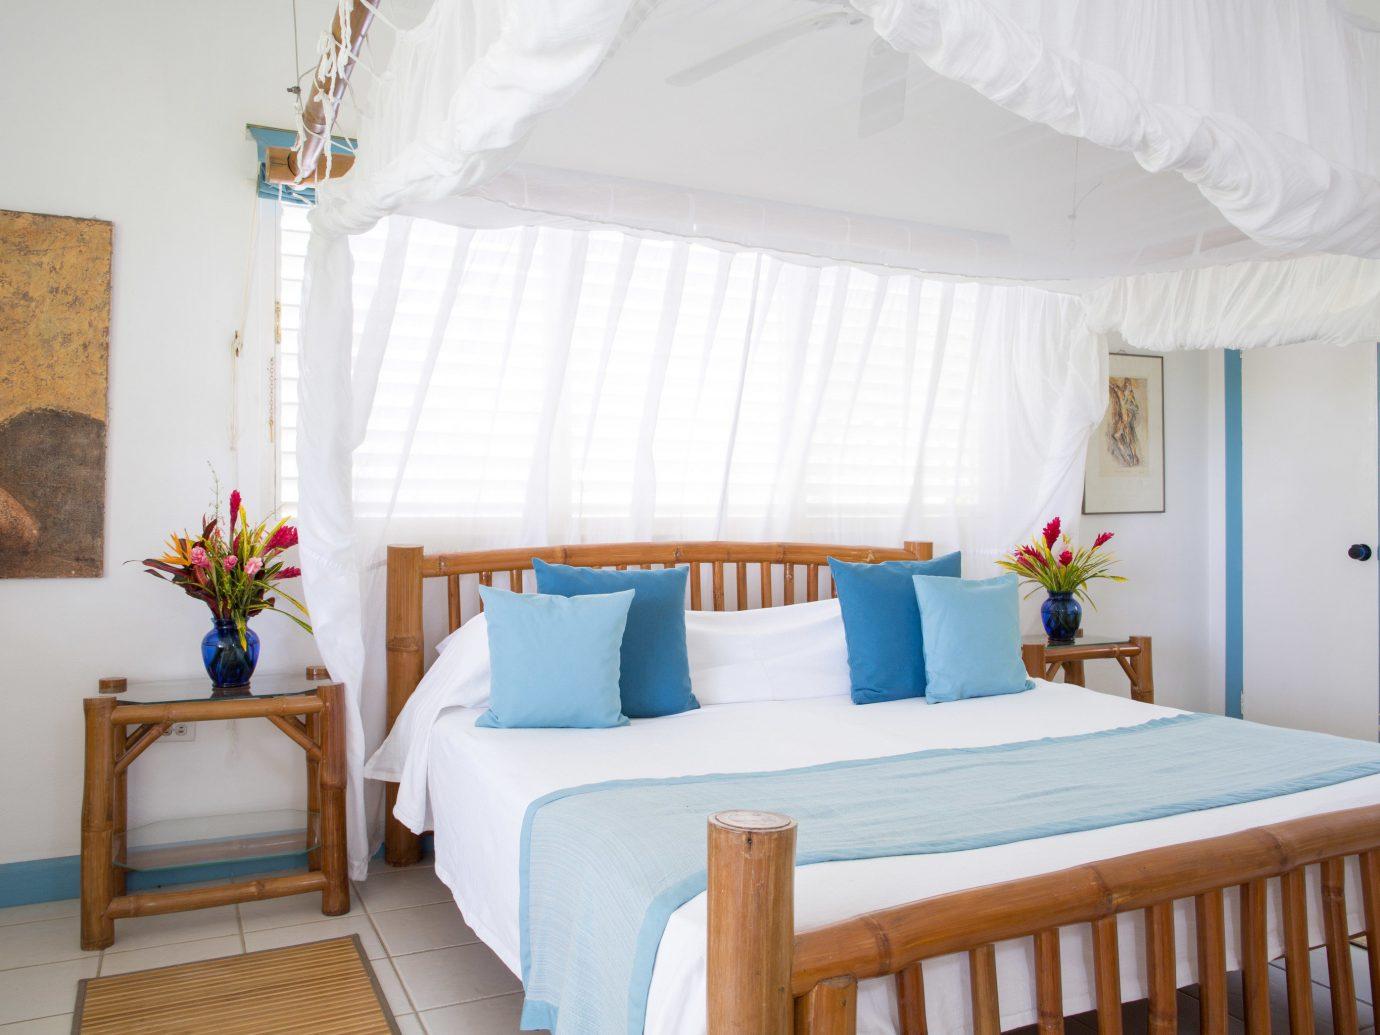 Hotels floor indoor room property cottage Bedroom Suite estate interior design Resort Villa bed real estate apartment furniture